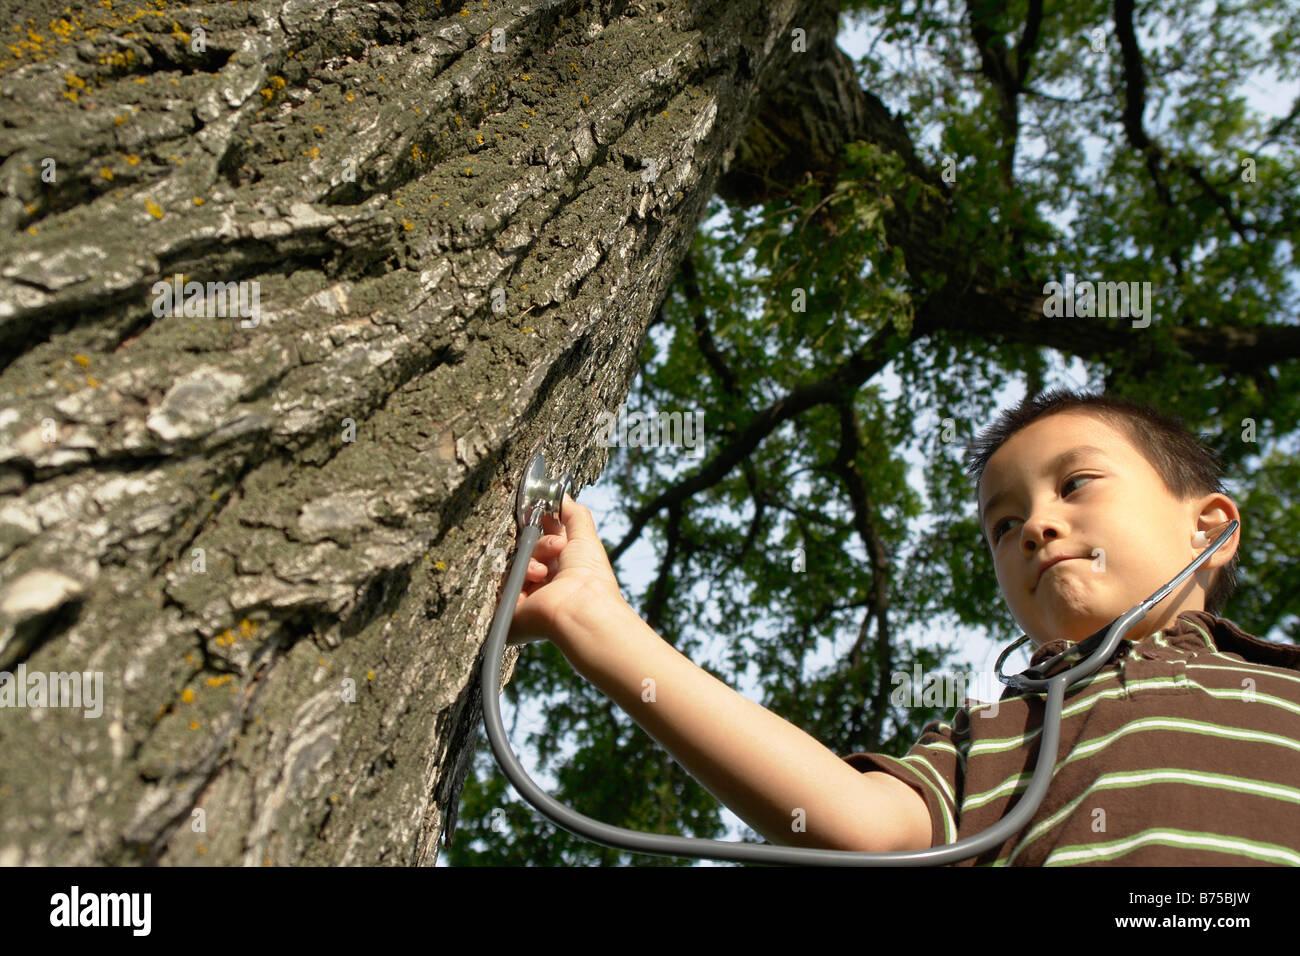 Sieben Jahre alter Junge mit Stethescope platziert auf Baum, Winnipeg, Kanada Stockbild